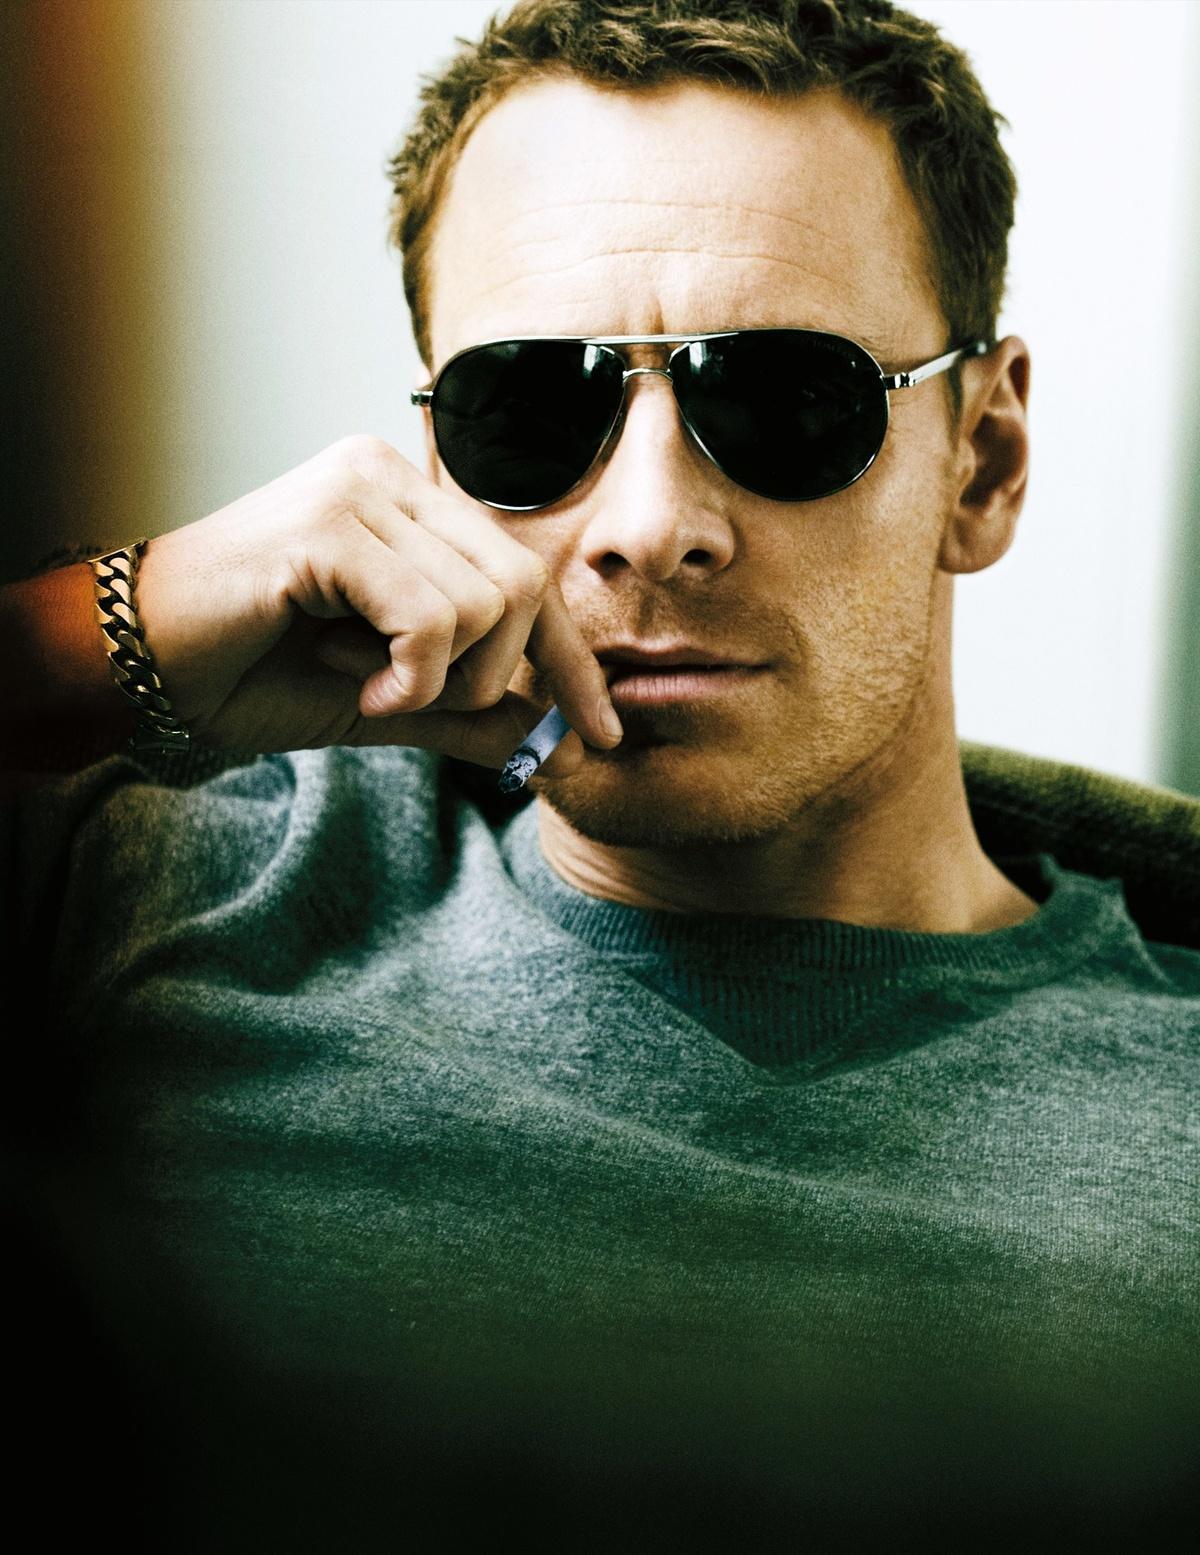 распоряжении нтв картинки мужчины темных очках советы пригодятся начинающим